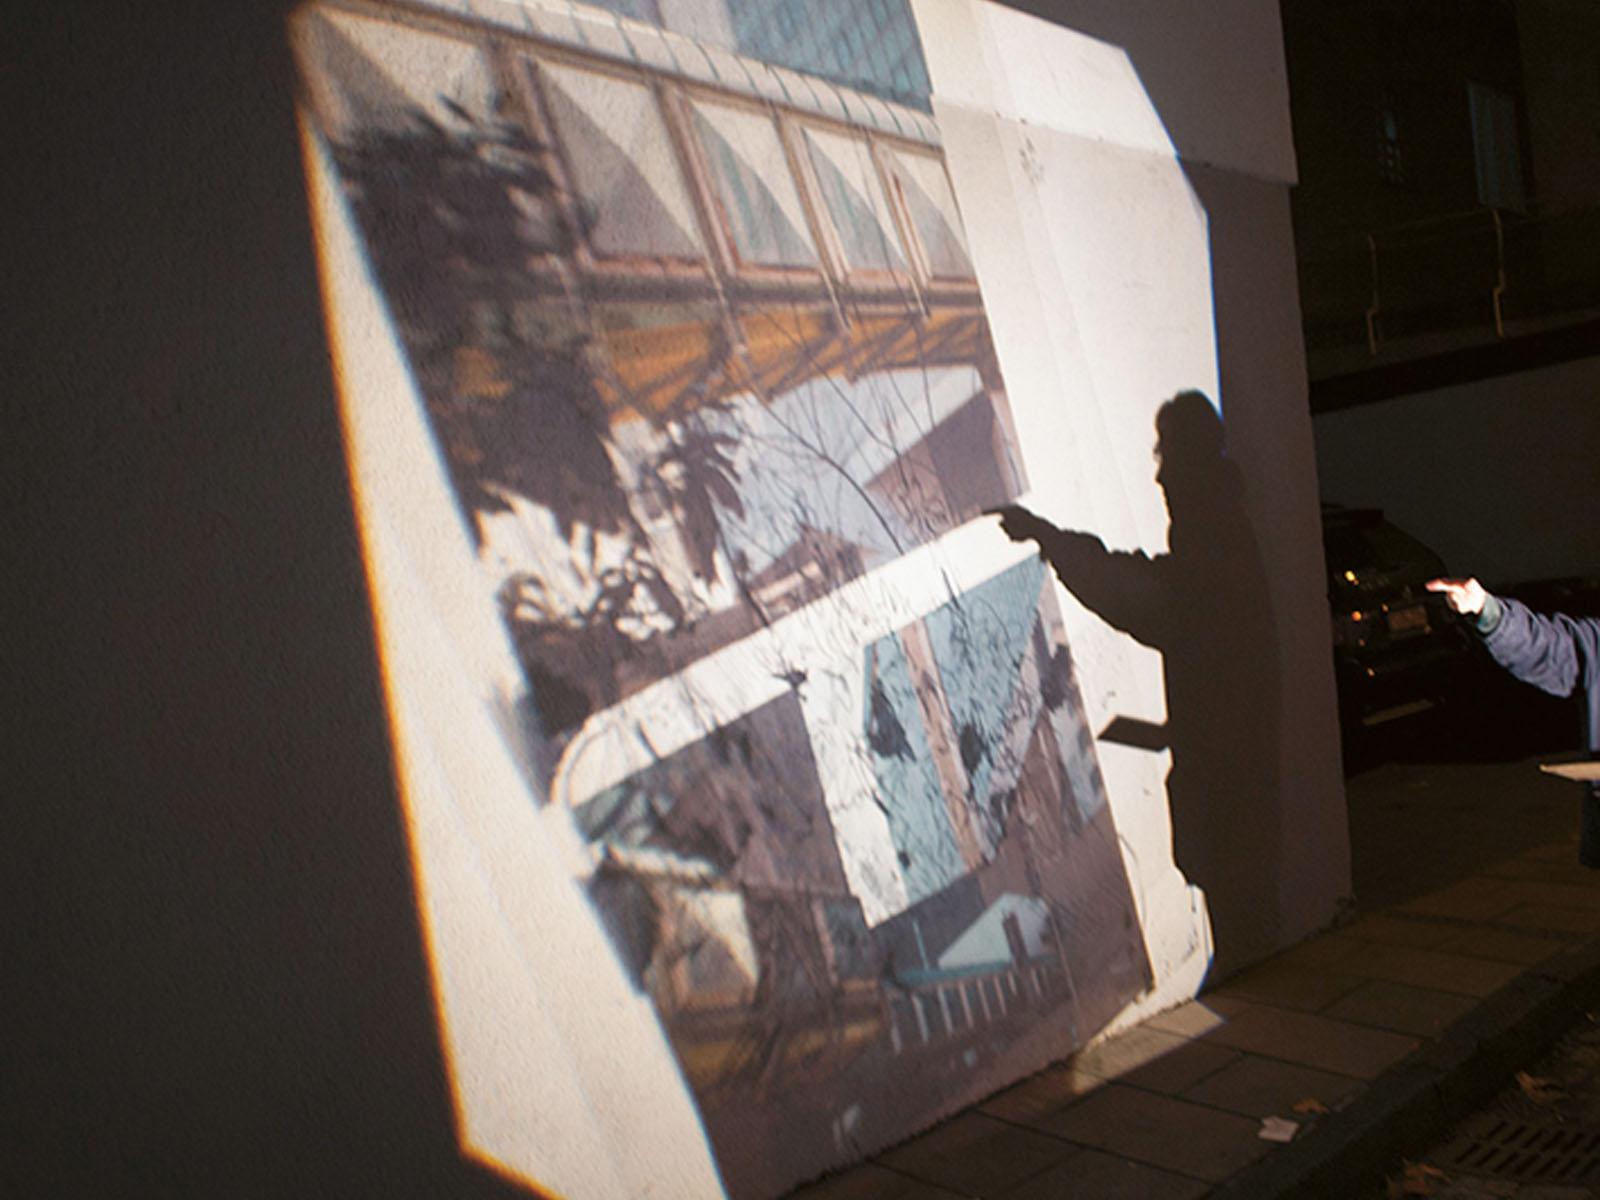 Lange Nacht der Museen Stuttgart - Ateliergemeinschaft Ue12 bearbeitet